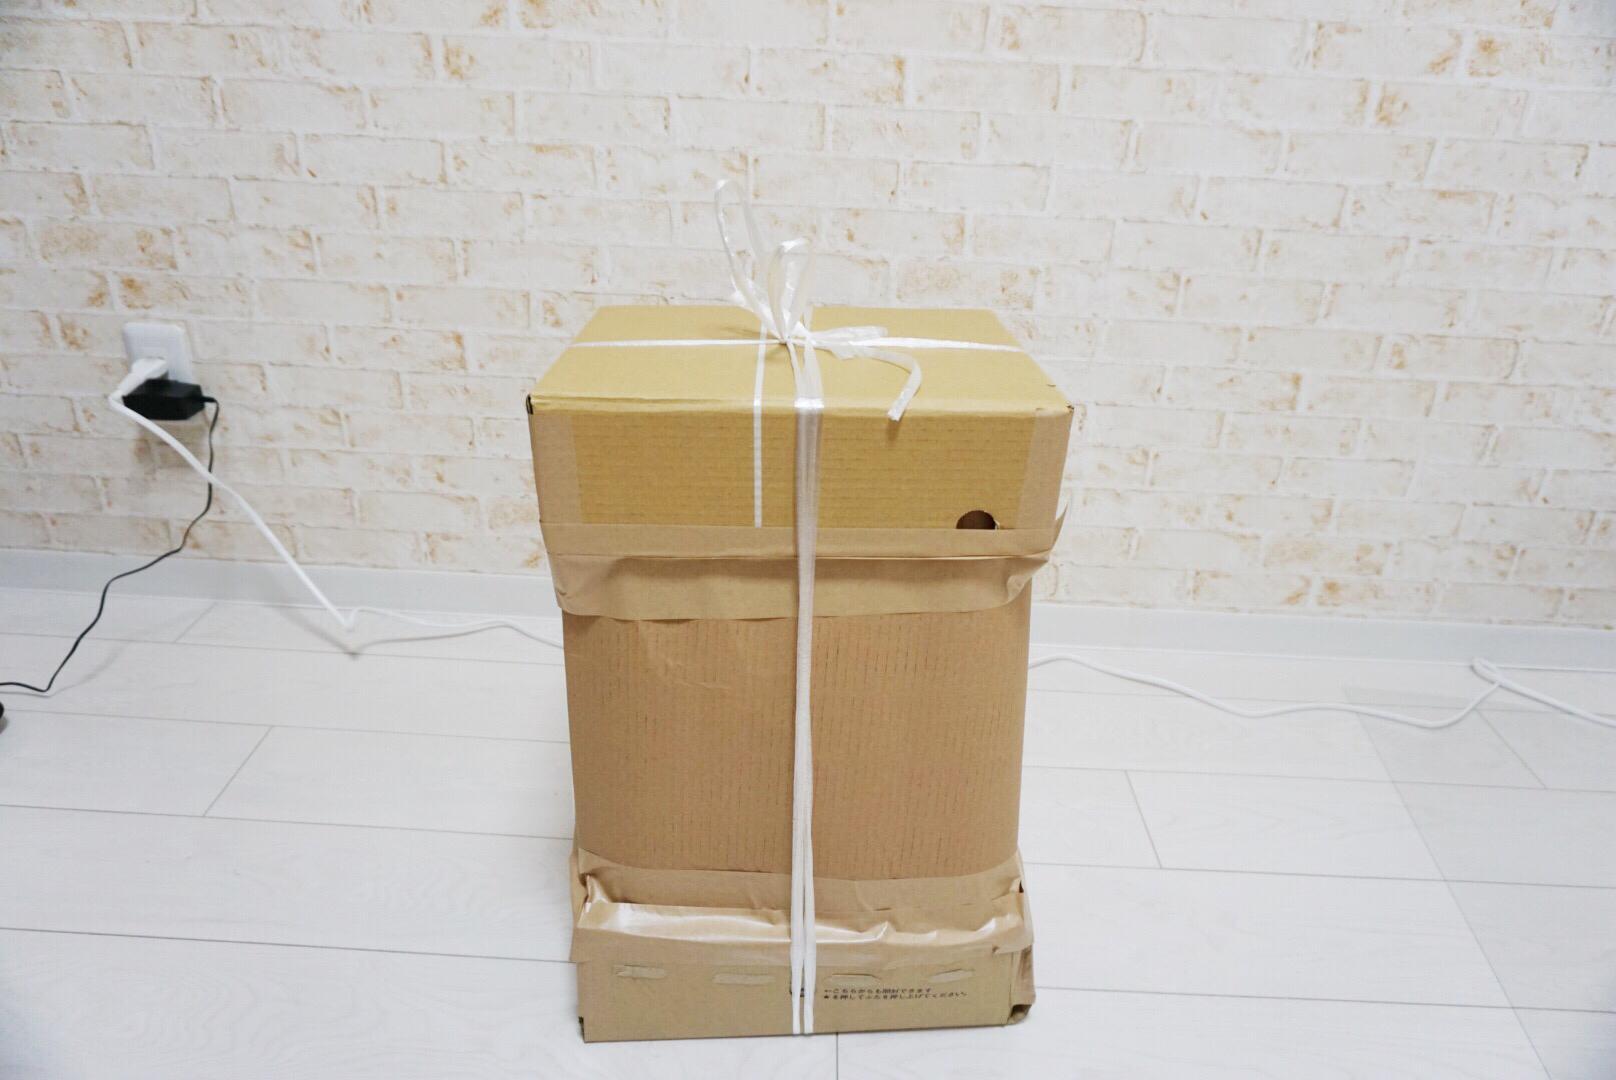 キャリーバッグの梱包方法17